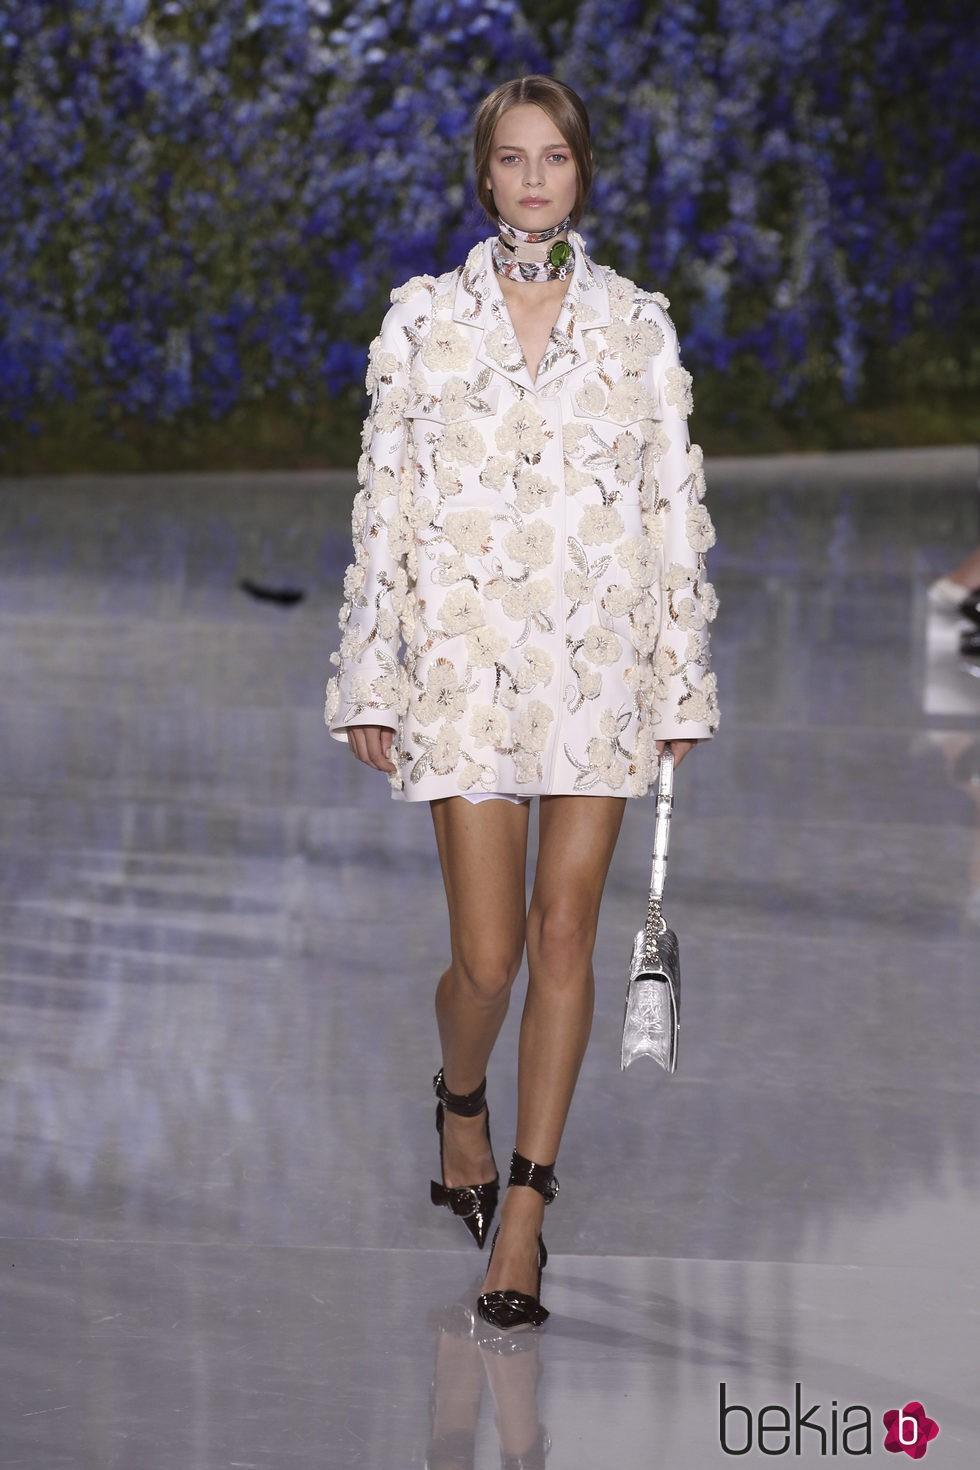 Abrigo con flores superpuestas de la colección primavera/verano 2016 de Dior en Paris Fashion Week